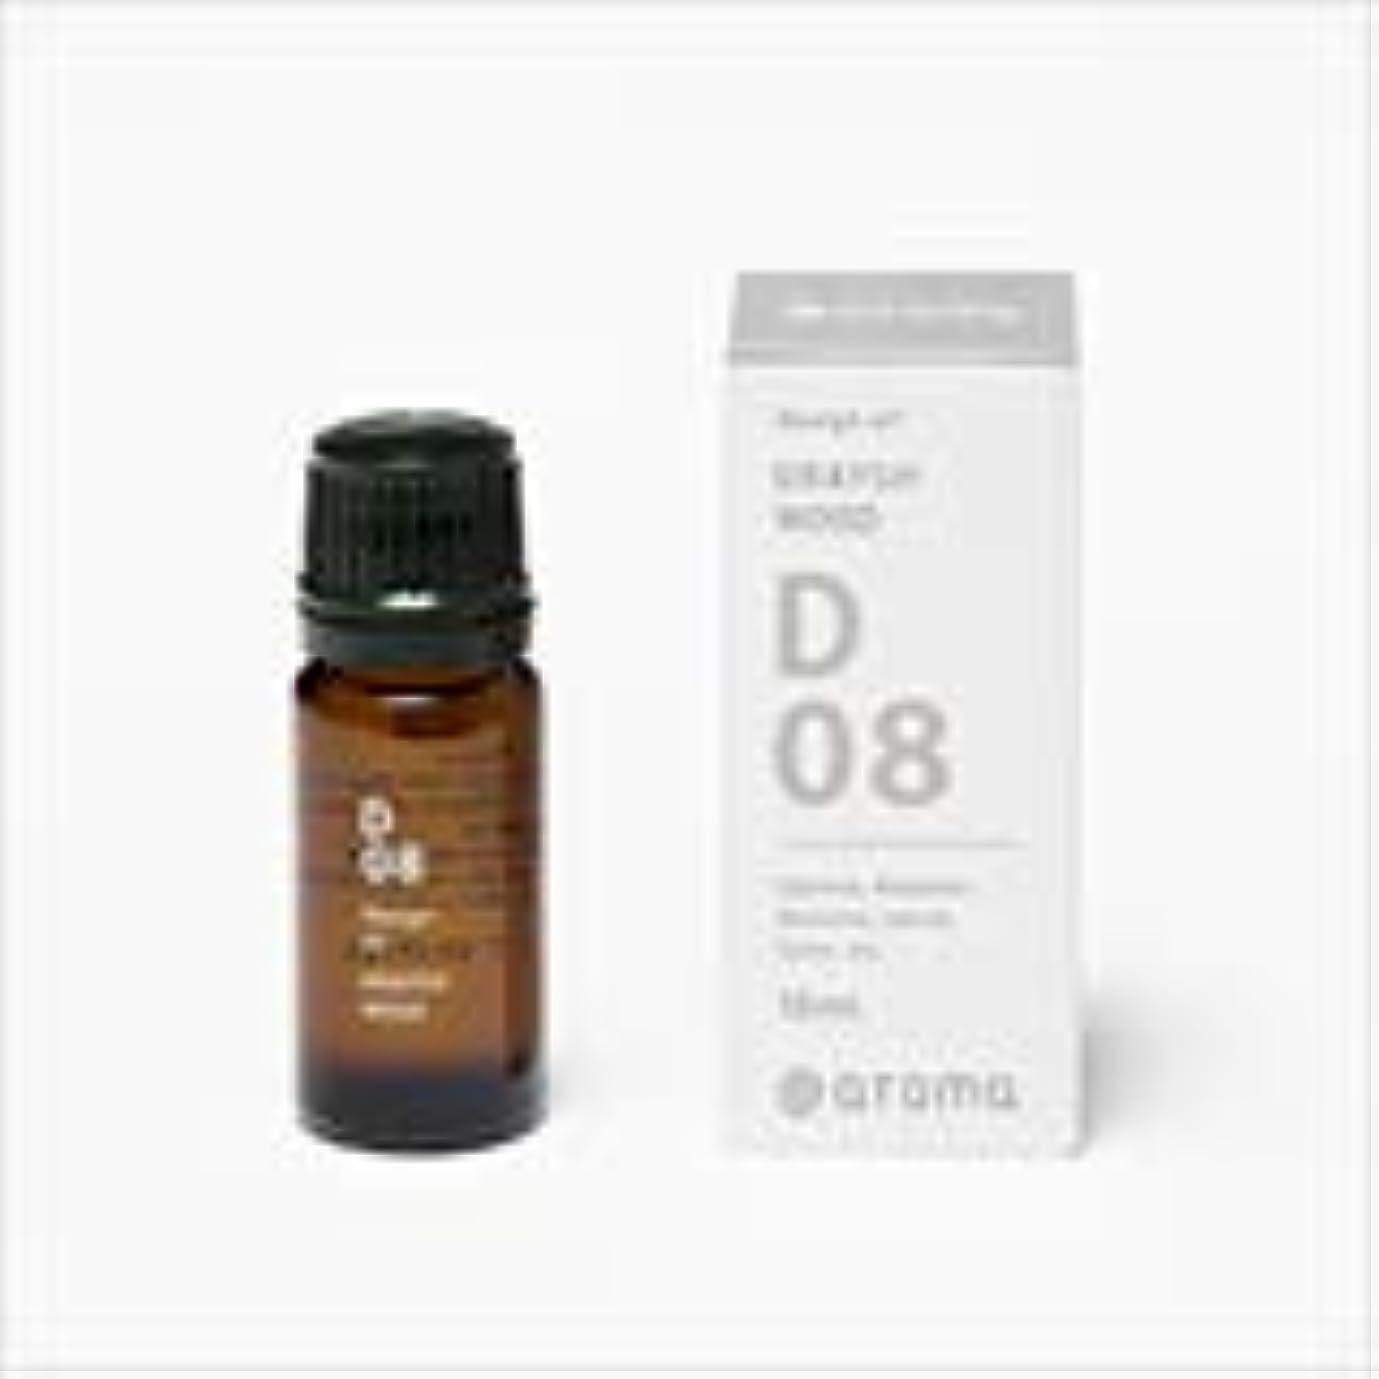 バイナリフィットスナップアットアロマ 100%pure essential oil <Design air サニーデイ>